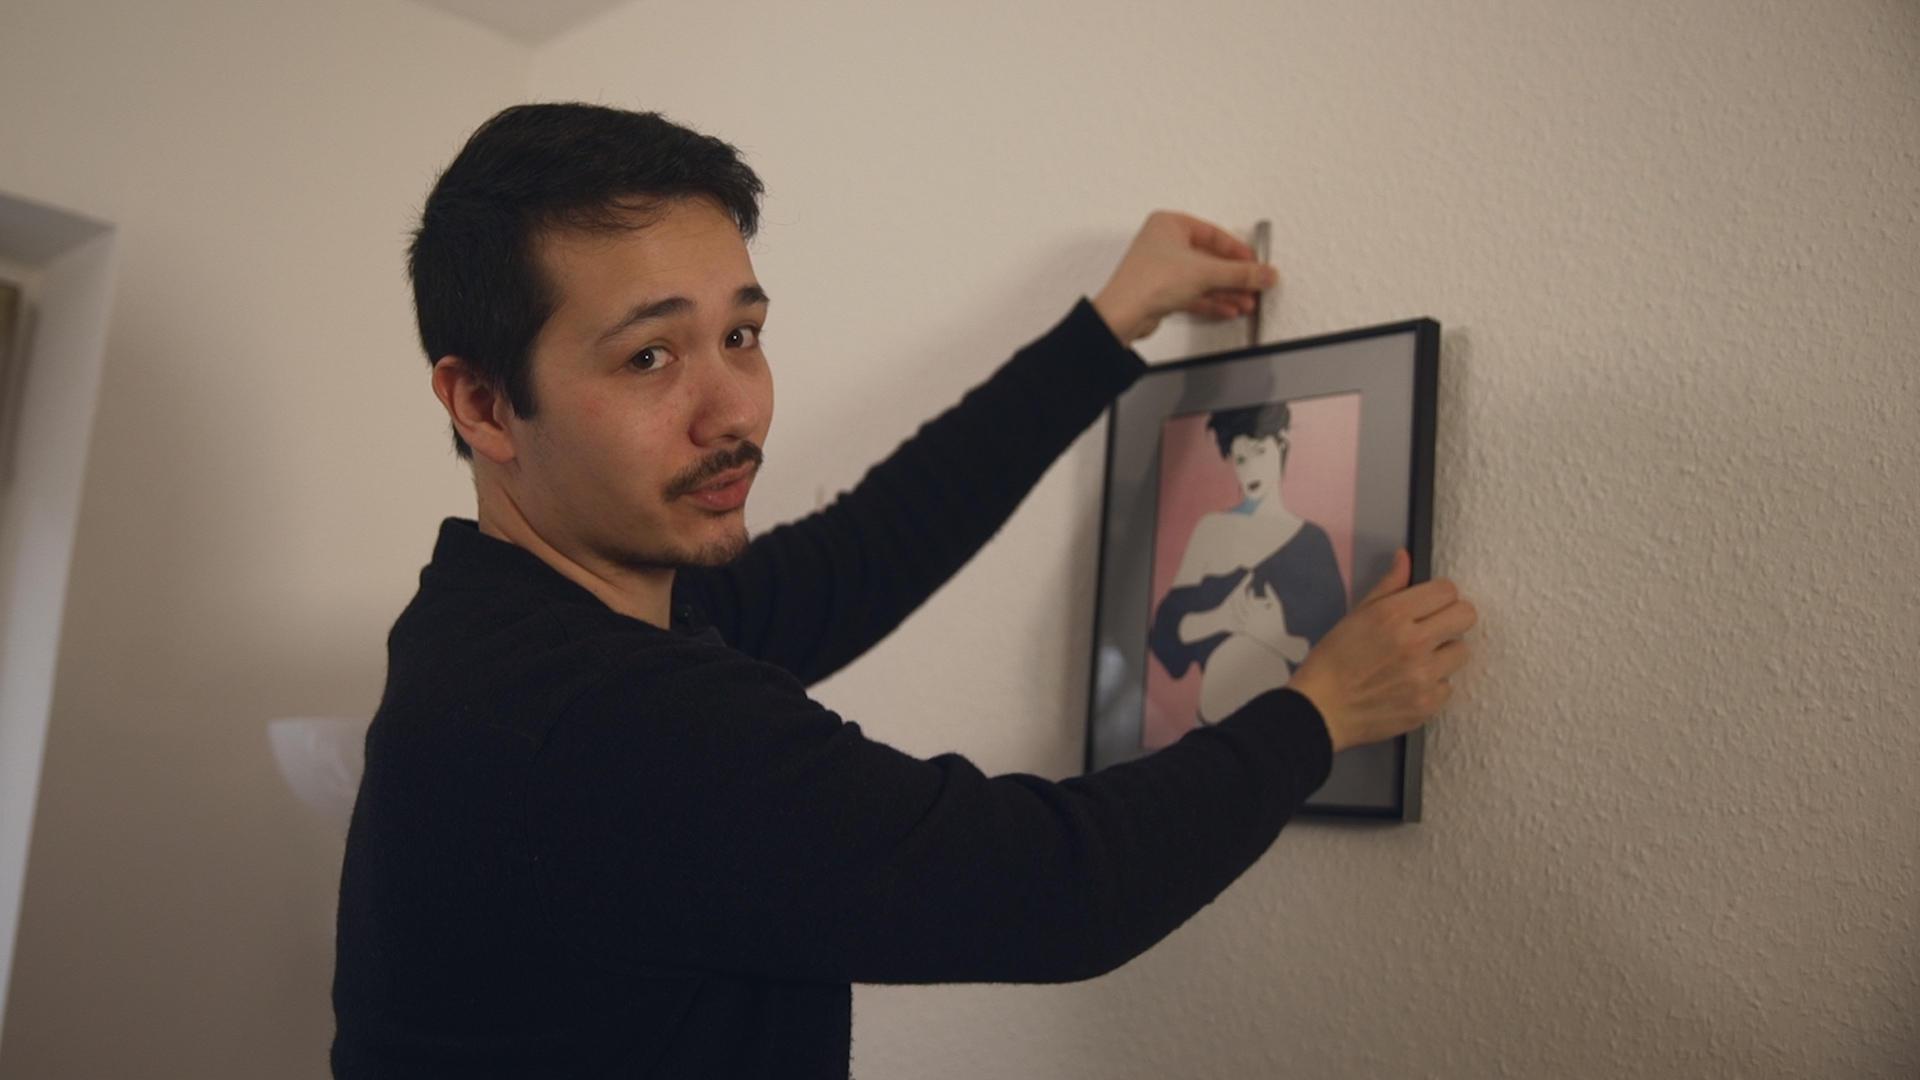 Mit diesem Trick sitzt jedes Bild in Sekunden | STERN.de